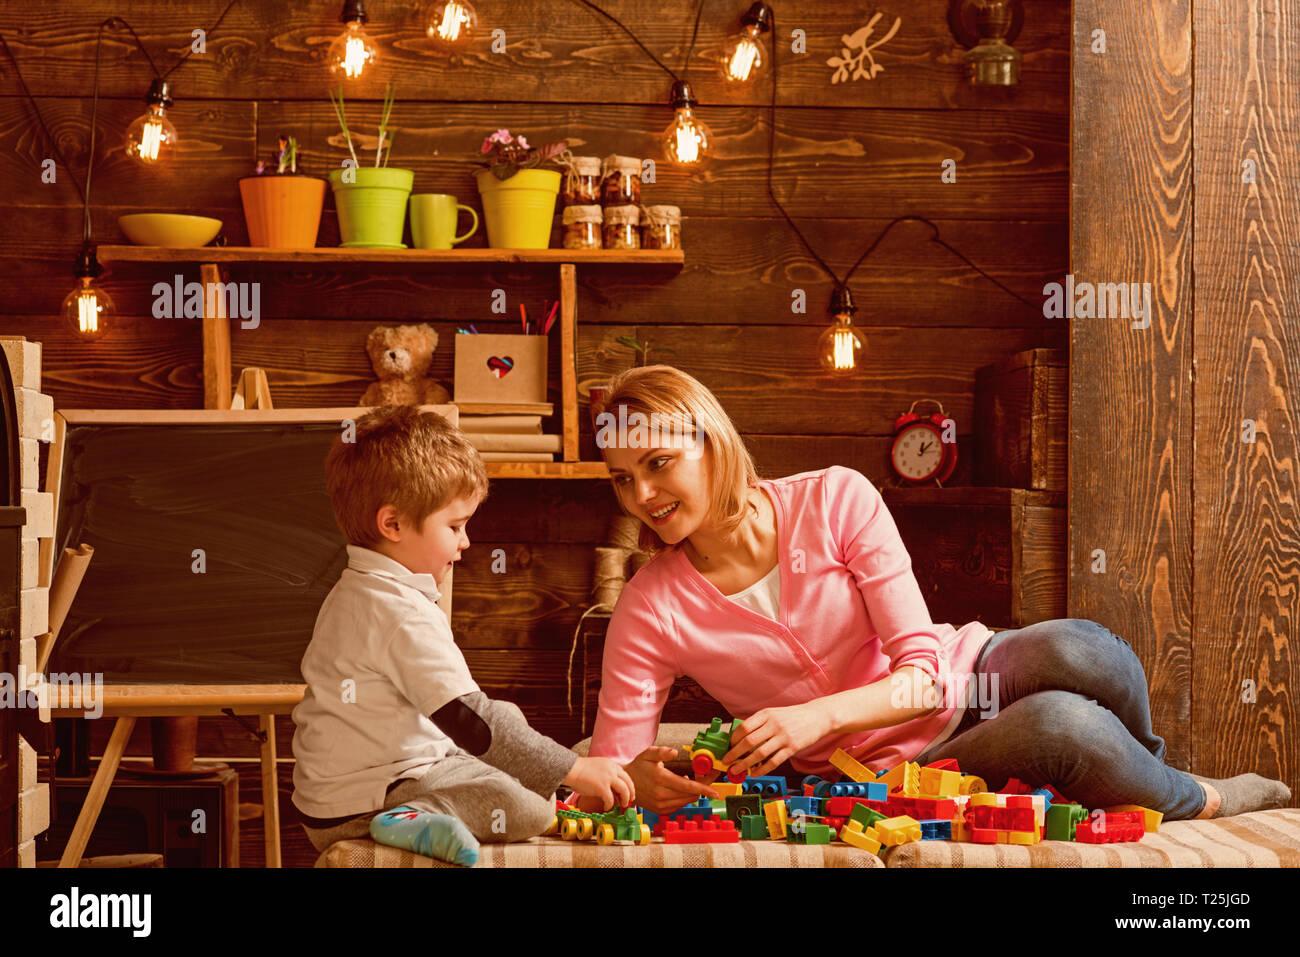 kooperieren stockfotos kooperieren bilder alamy. Black Bedroom Furniture Sets. Home Design Ideas